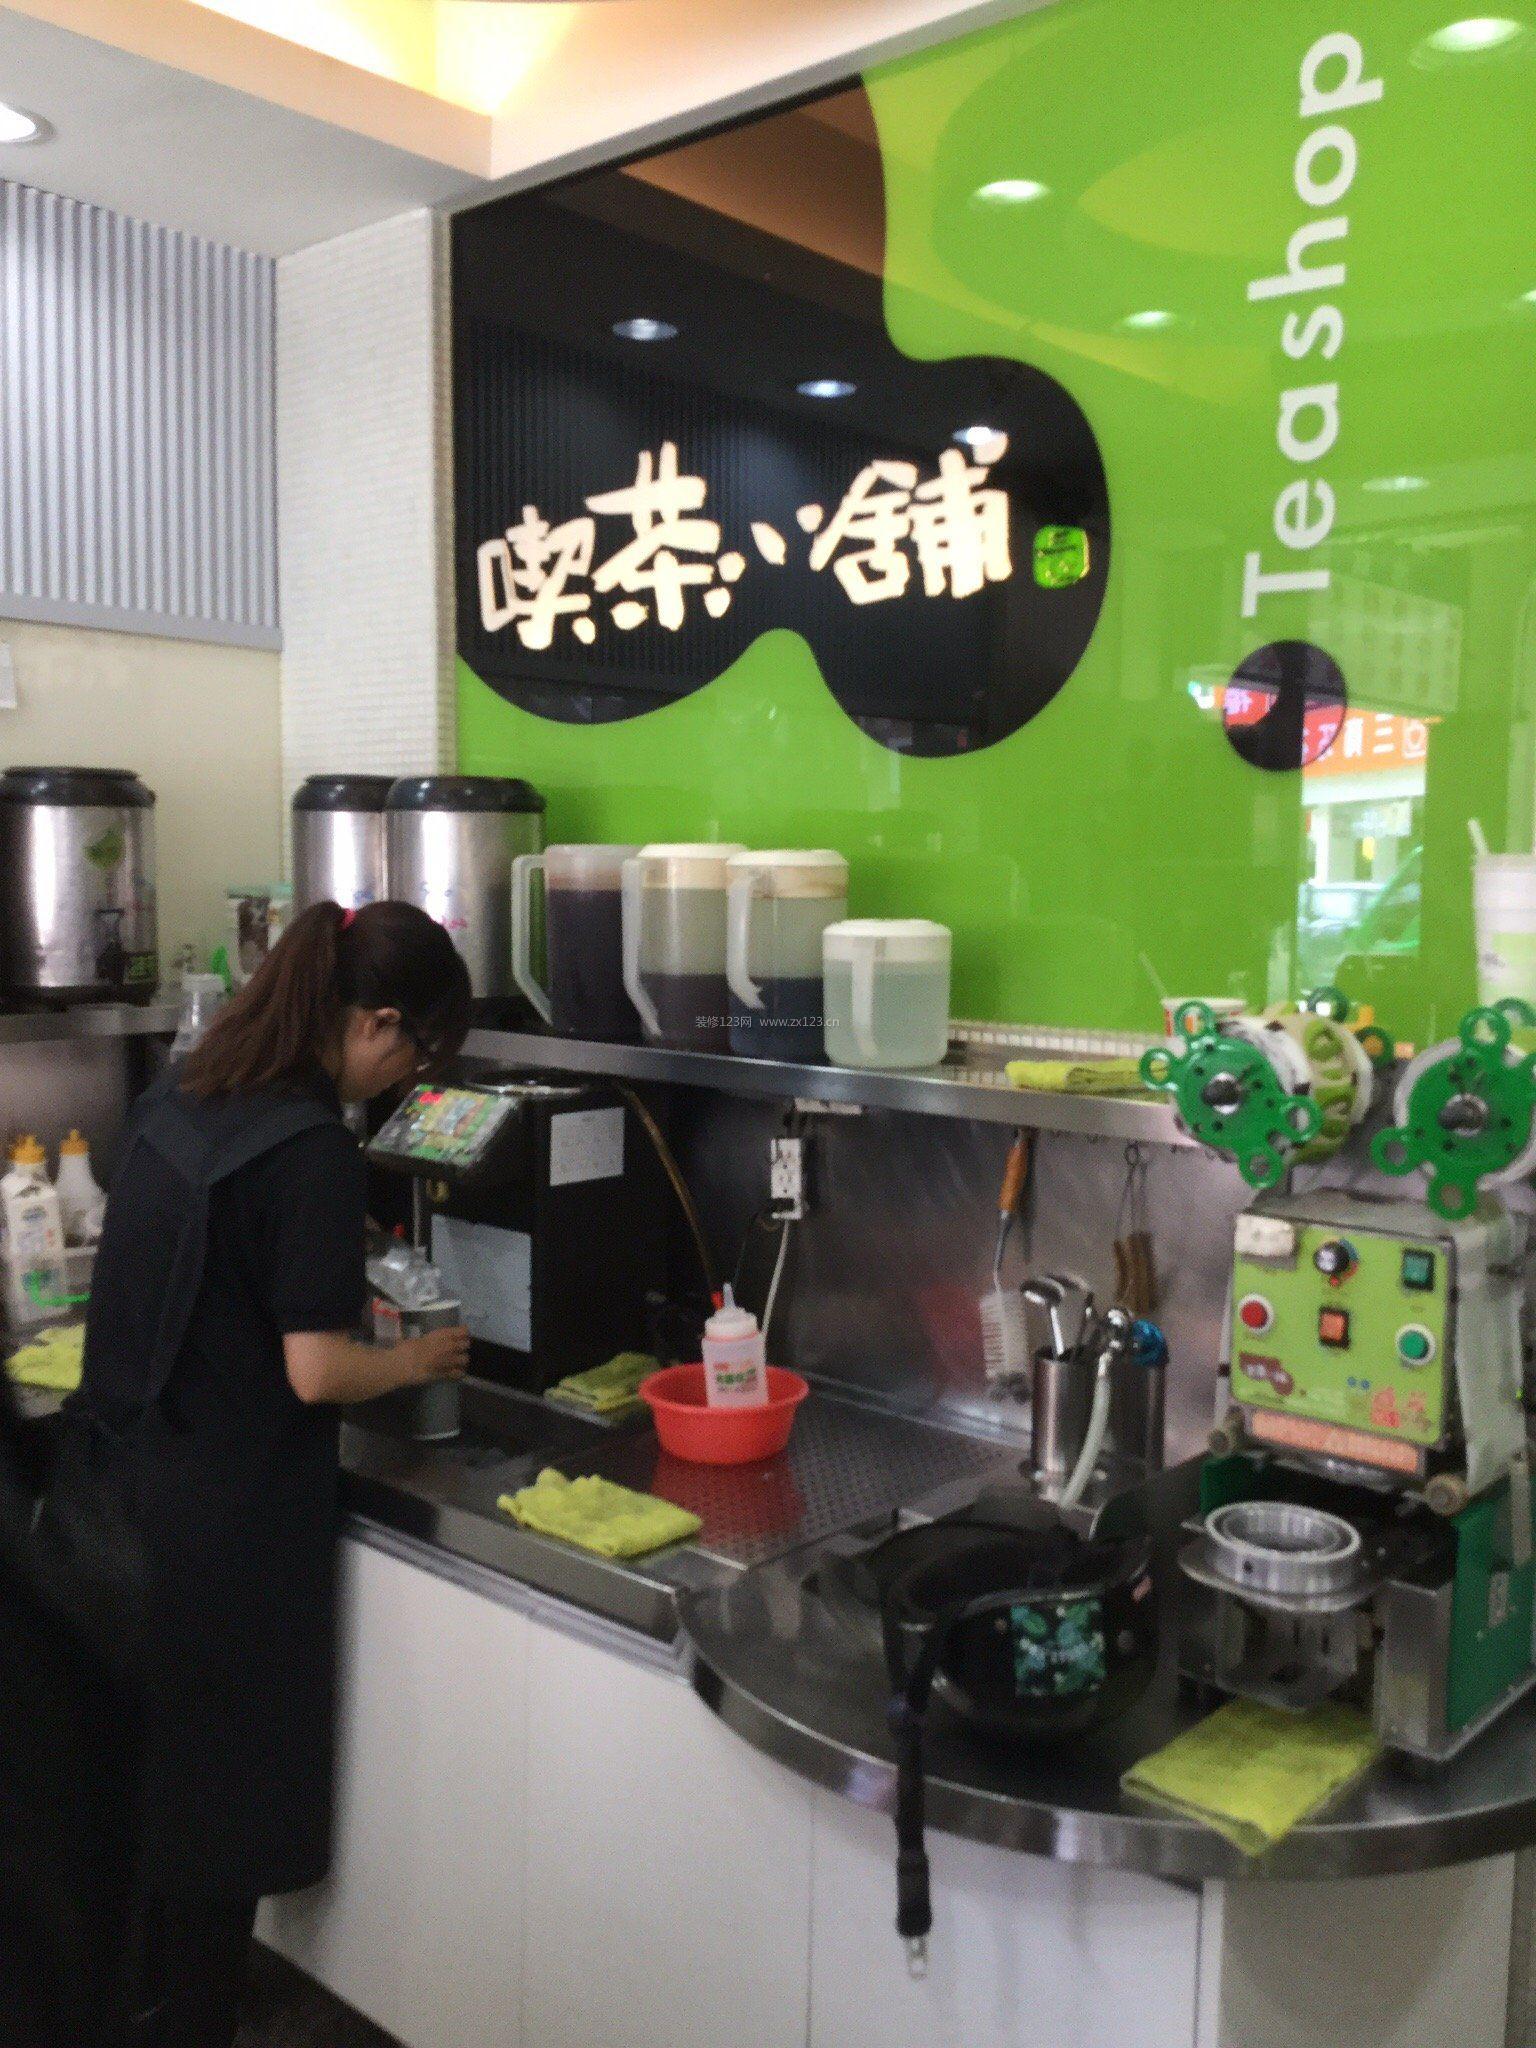 超市奶茶店简易背景墙装修效果图